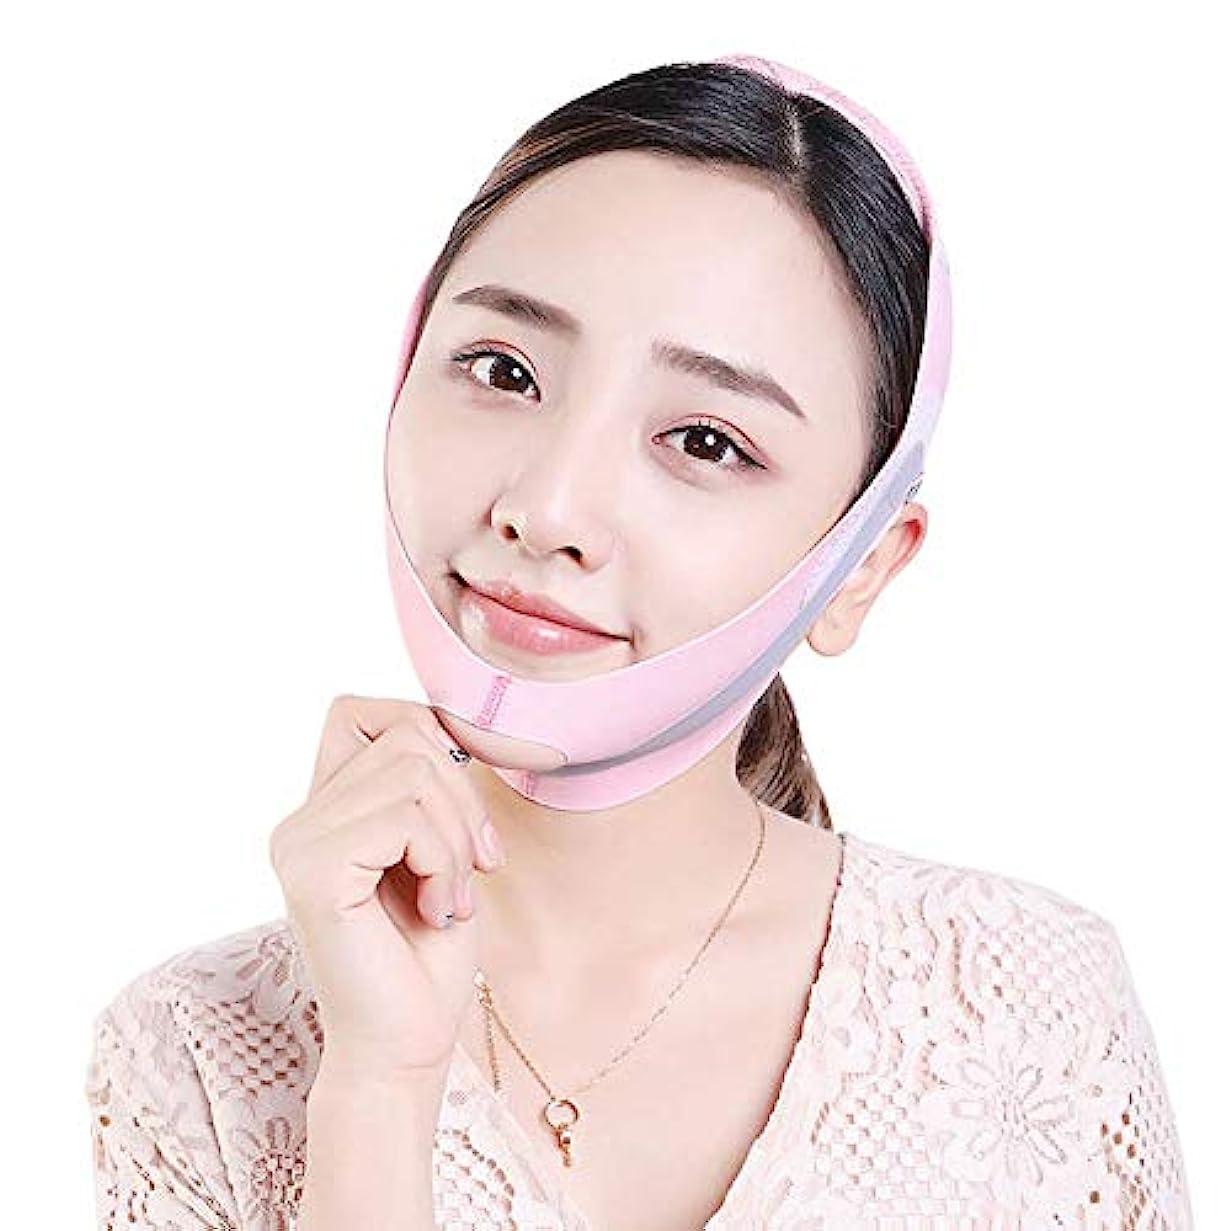 石鹸ピアノポテト飛強強 たるみを防ぐために顔を持ち上げるために筋肉を引き締めるために二重あごのステッカーとラインを削除するために、顔を持ち上げるアーティファクト包帯があります - ピンク スリムフィット美容ツール